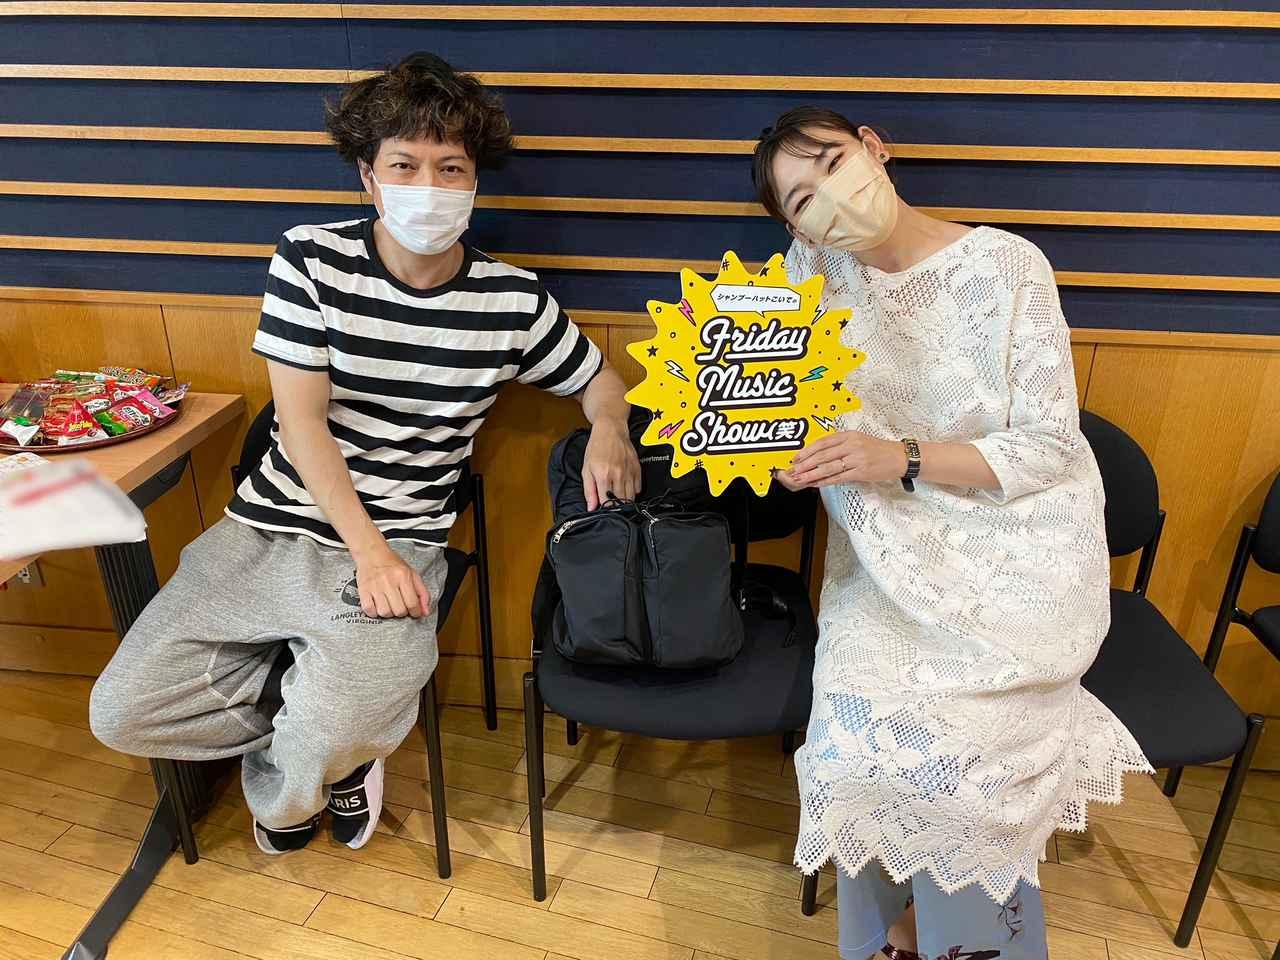 画像: 7月16日(金)シャンプーハットこいでのFriday Music Show(笑)